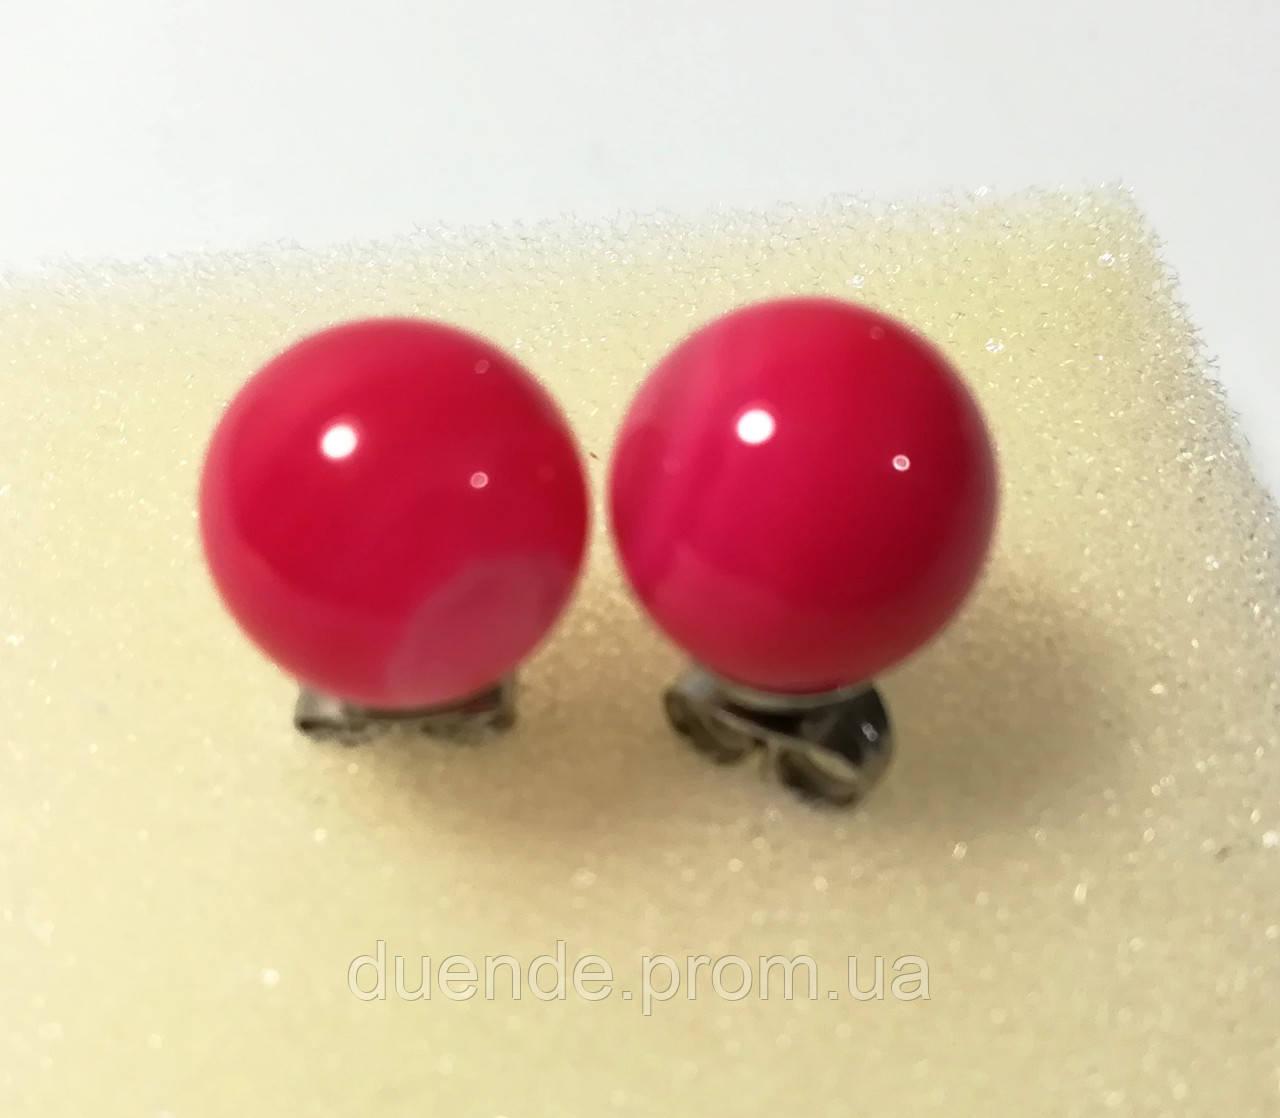 Серьги гвоздики из Агата 8 мм, натуральный камень, цвет малиновый и его оттенки, тм Satori \ S - 0340